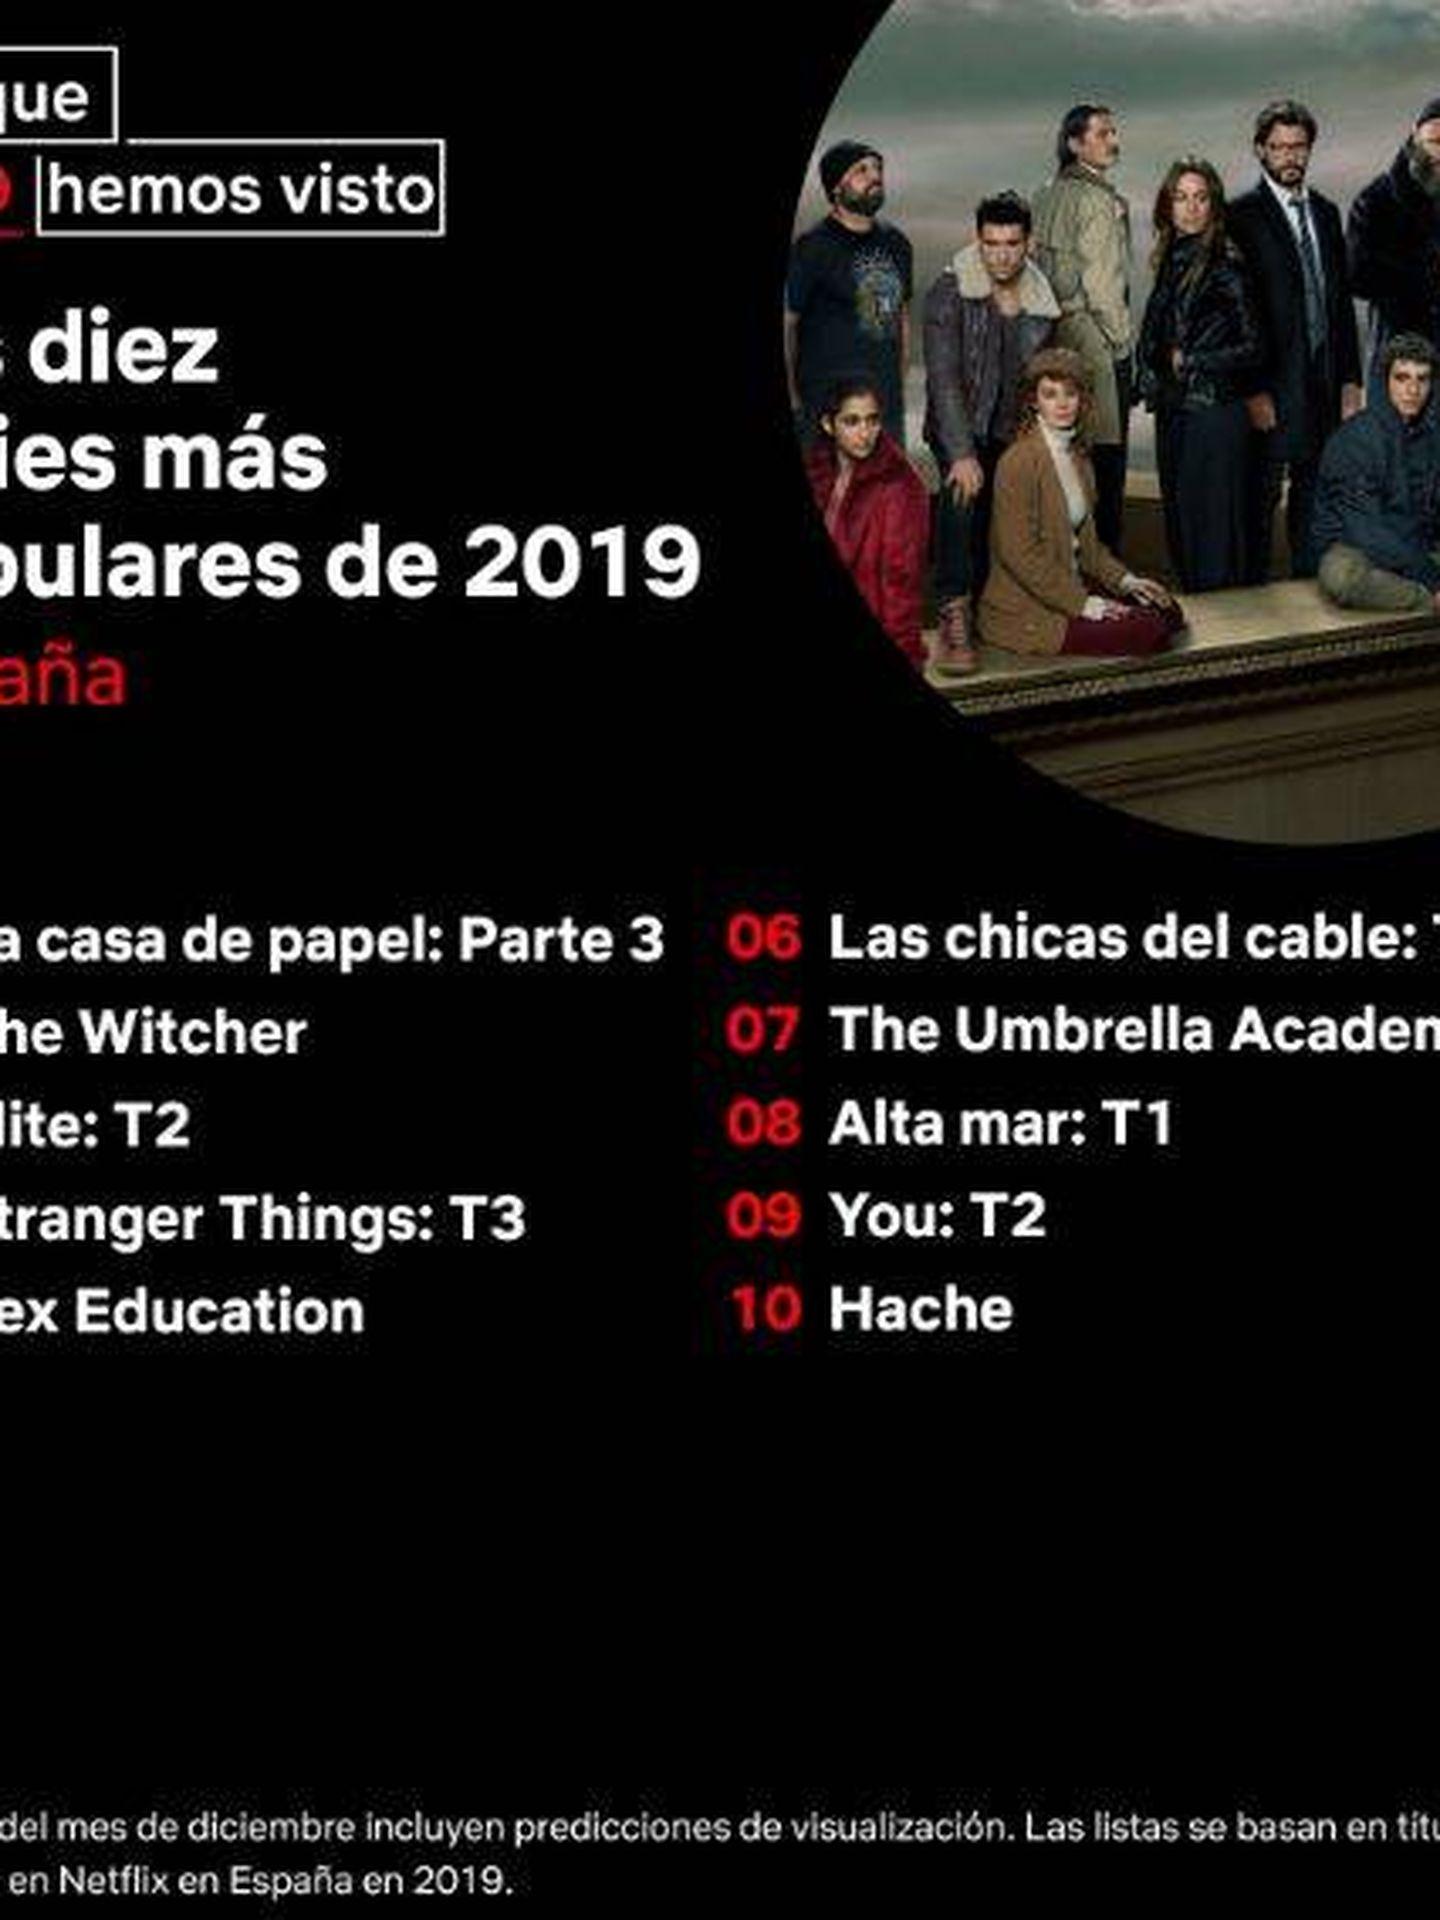 Las series de Netflix más populares del año en España. (Twitter)